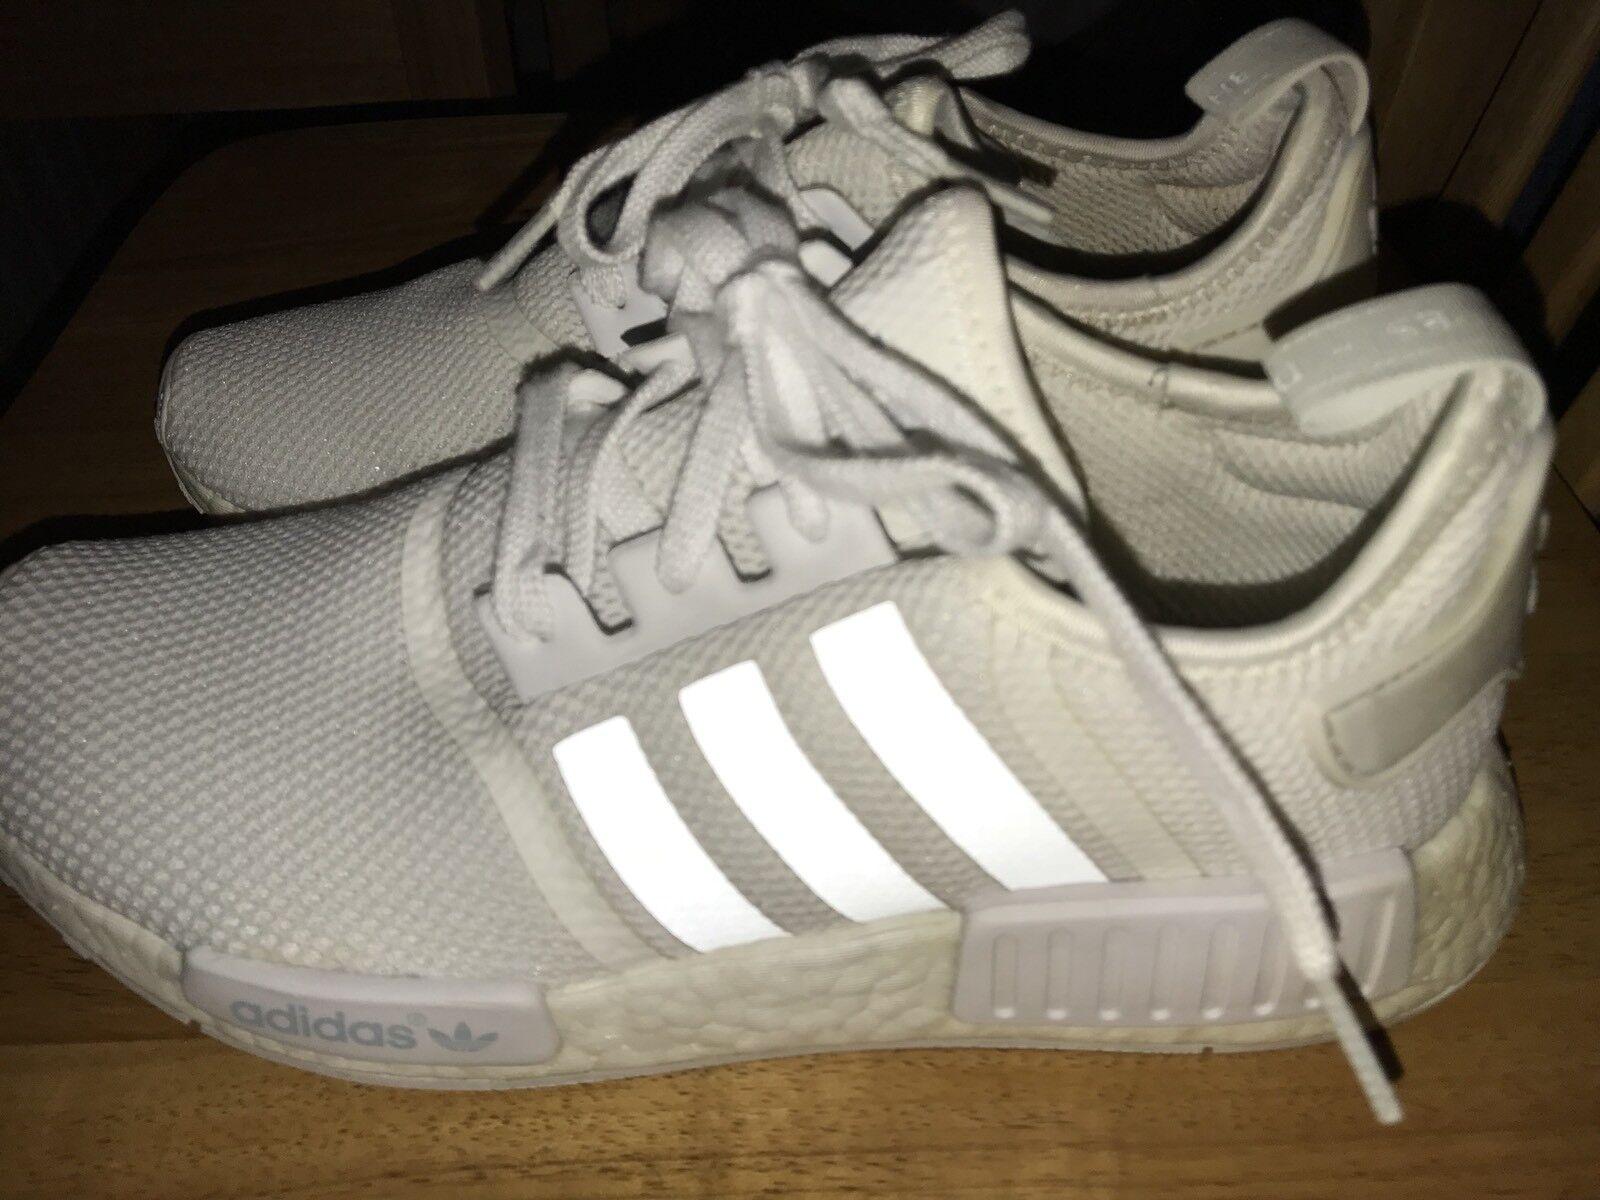 Adidas nmd_r1 - s79166 weißen triple weißen s79166 auftrieb größe 8,5 166021